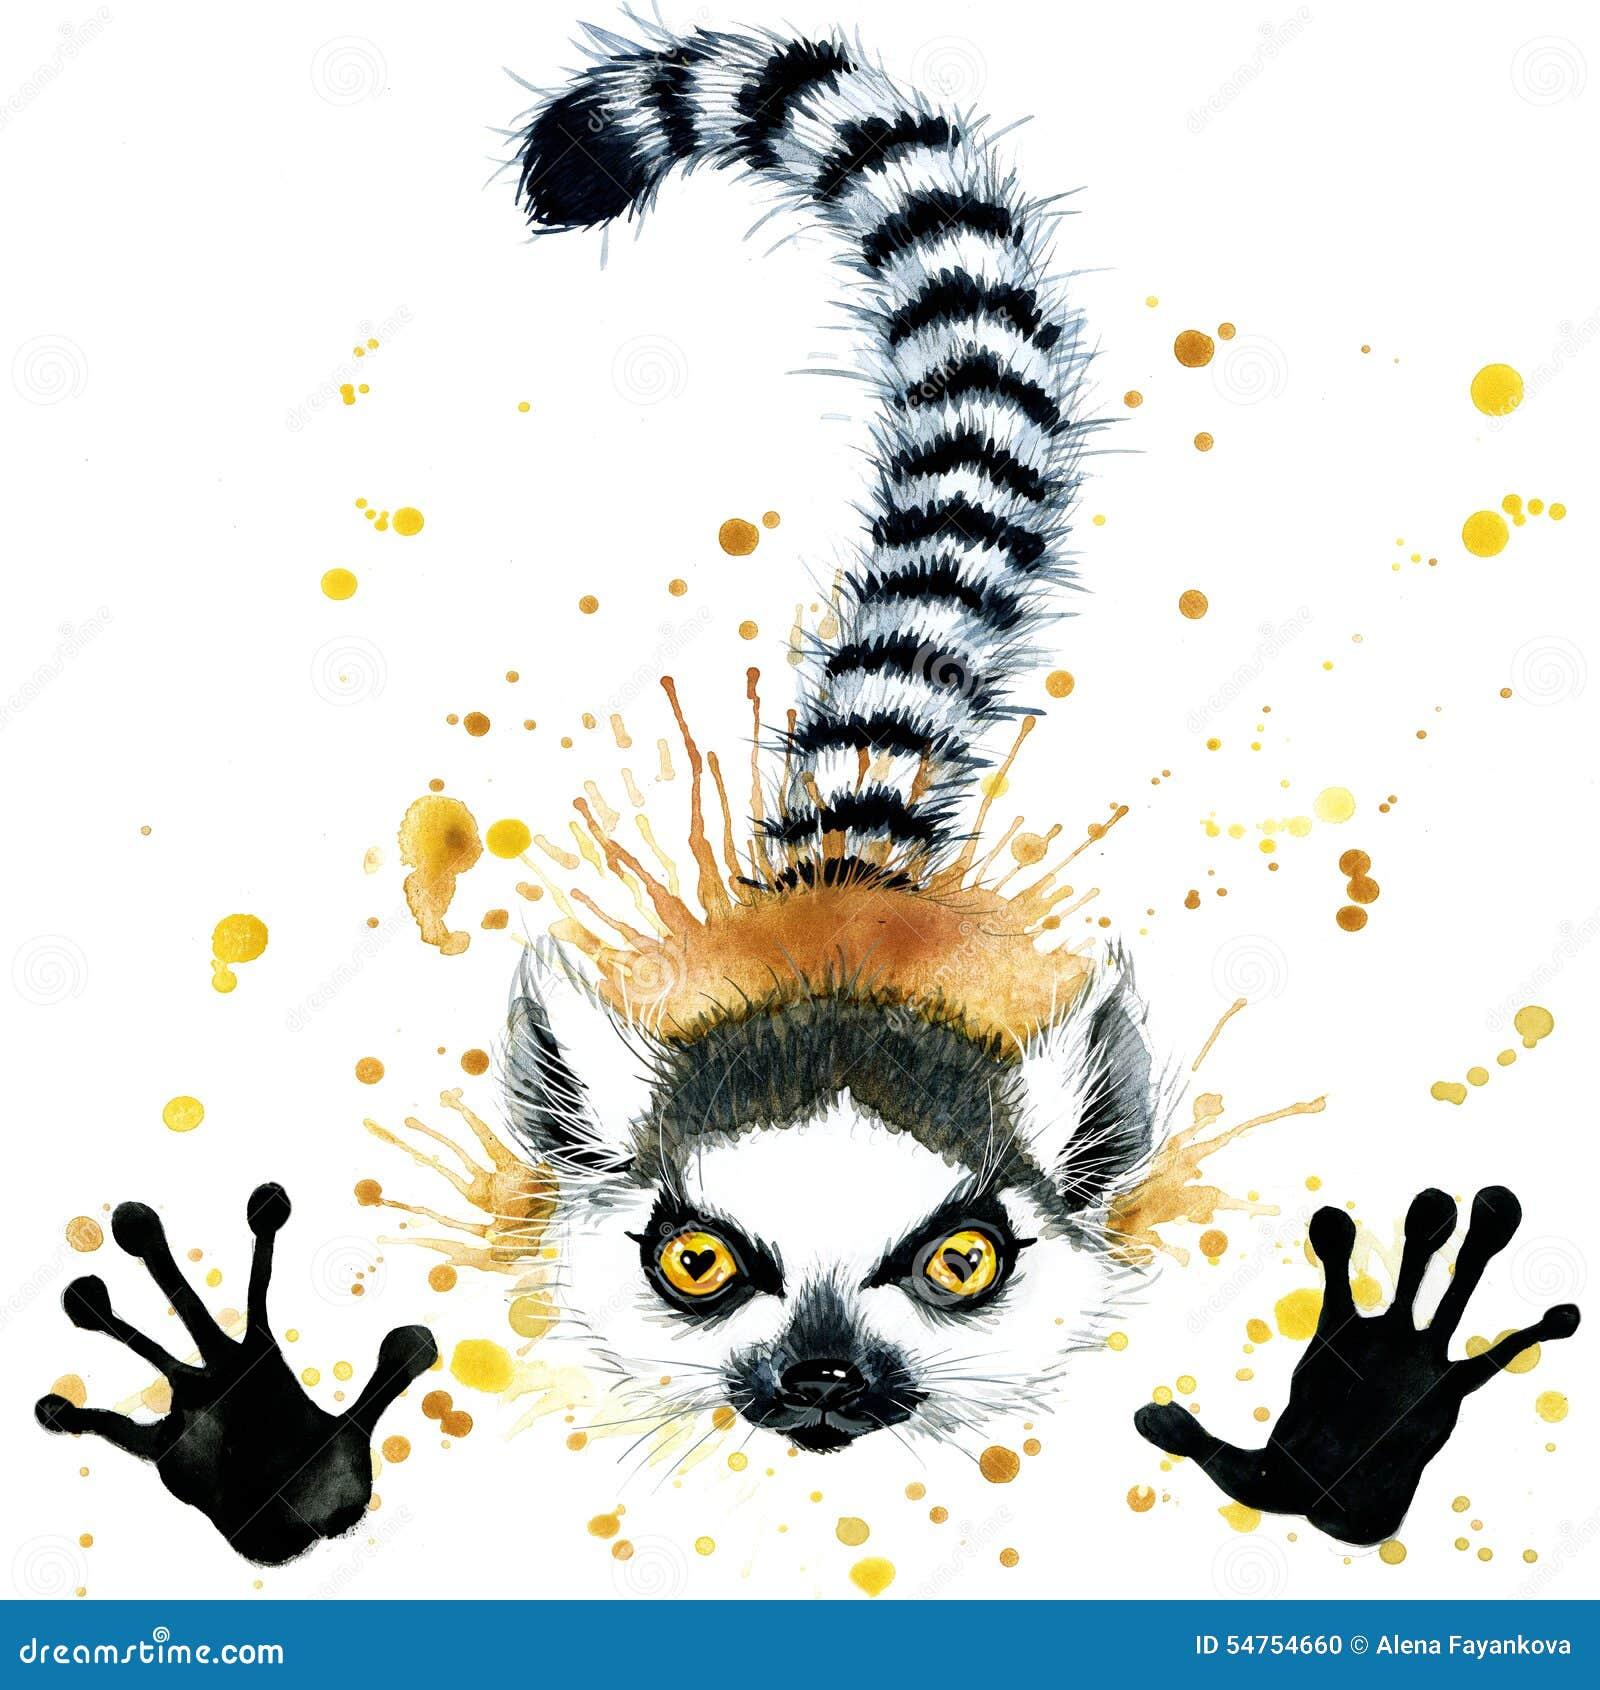 Funny lemur watercolor